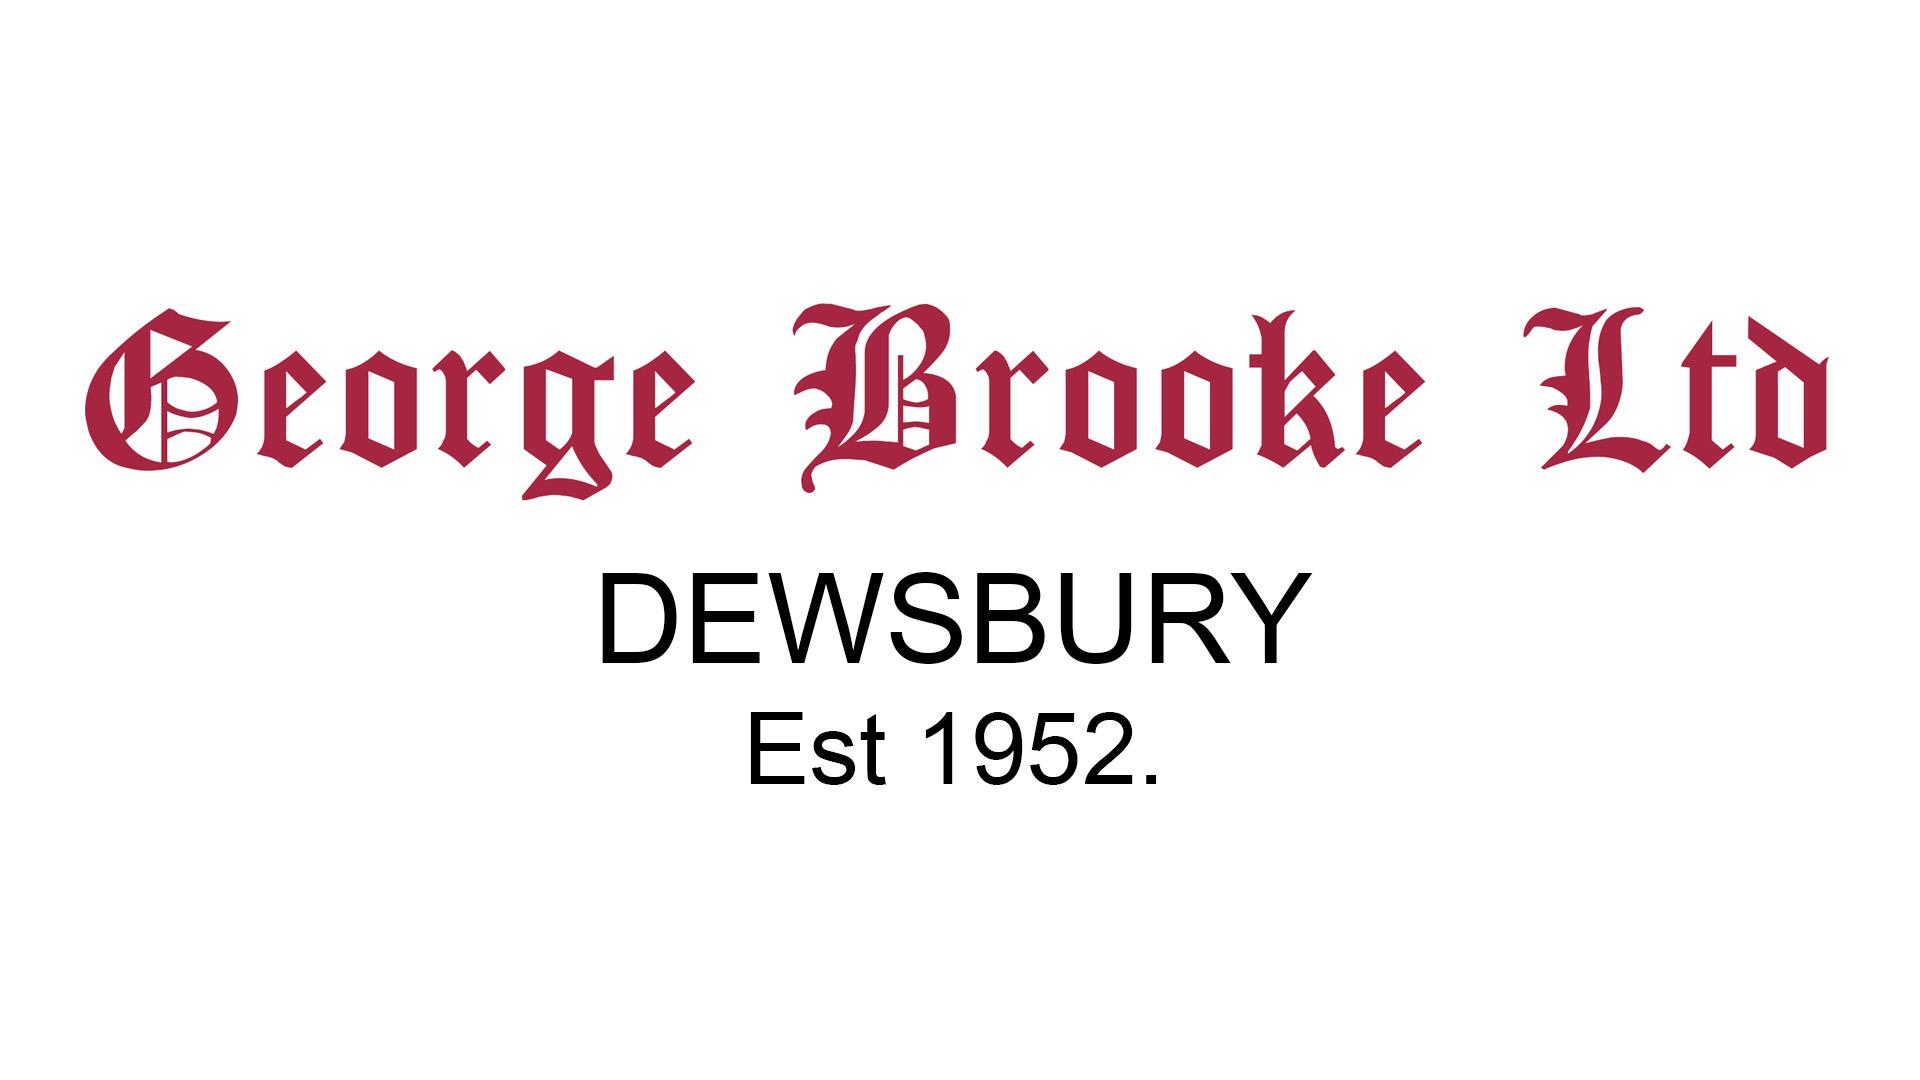 George Brook Ltd Dewsbury